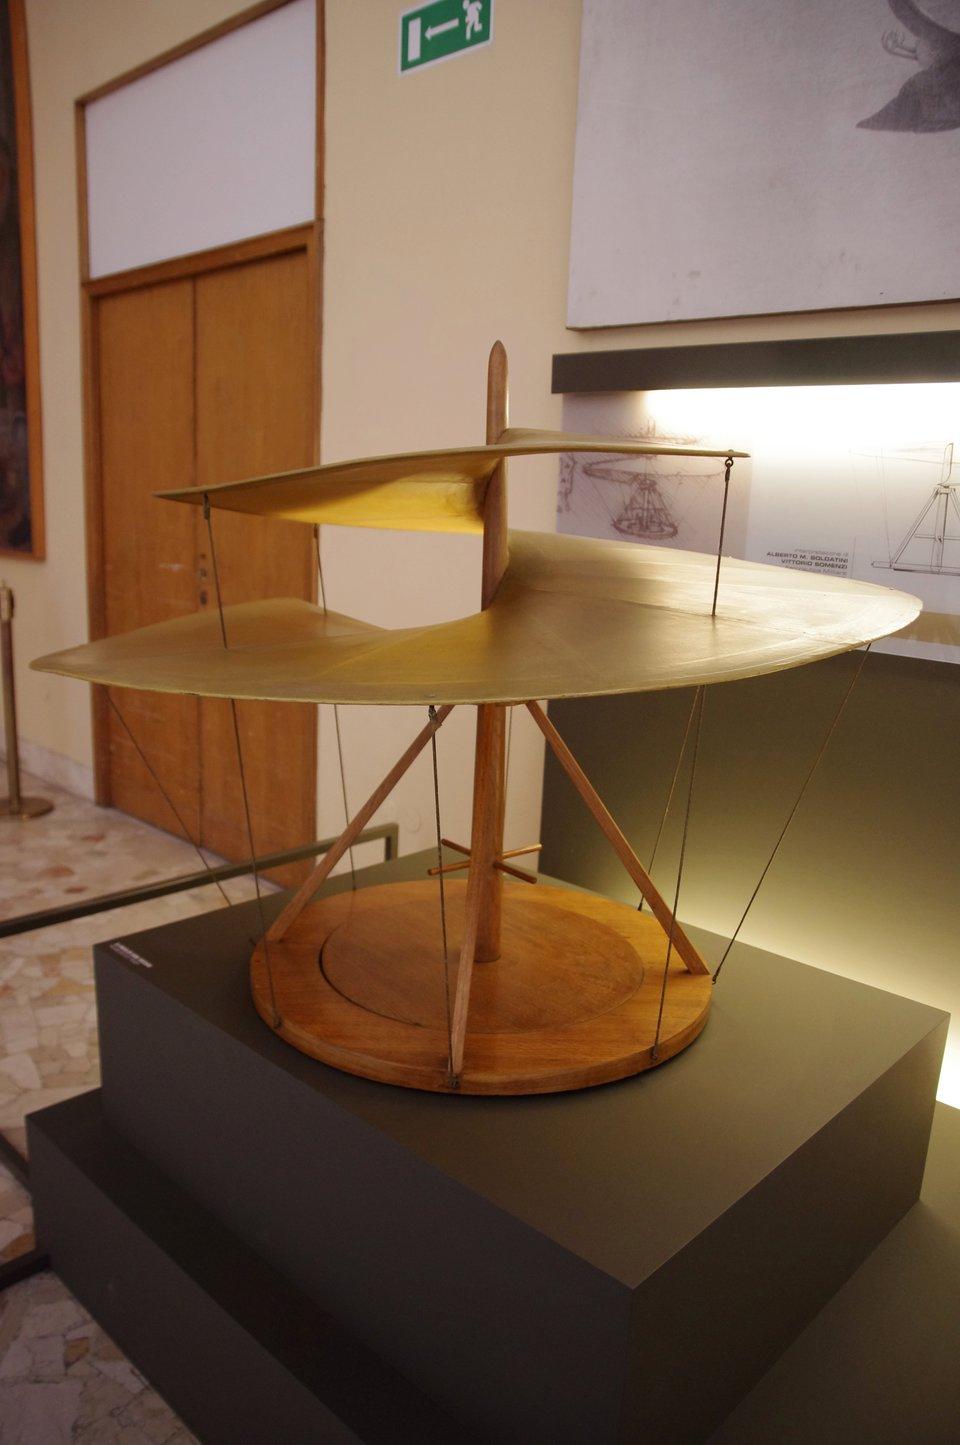 Leonardo da Vinci – model machiny latającej.Modelwykonany na podstawie projektów Leonarda Da Vinci wMuzeum wMediolanie Leonardo da Vinci – model machiny latającej.Modelwykonany na podstawie projektów Leonarda Da Vinci wMuzeum wMediolanie Źródło: Arnaud 25, Fotgrafia, domena publiczna.